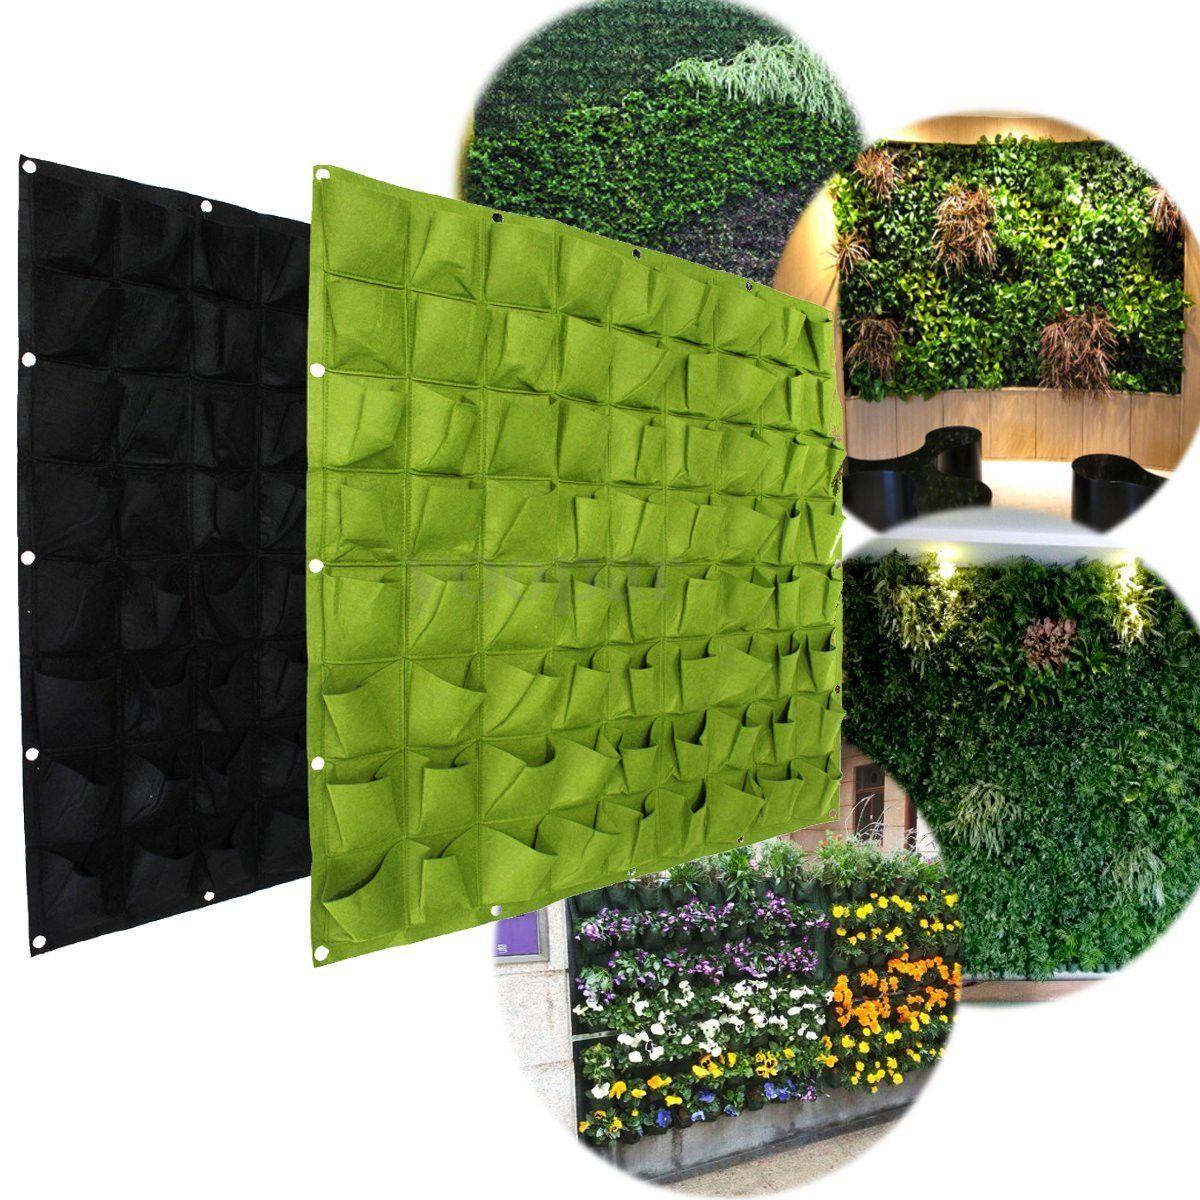 72 poches mur jardin suspendu mur planteur de fleur sac intérieurextérieur herbe pot surface